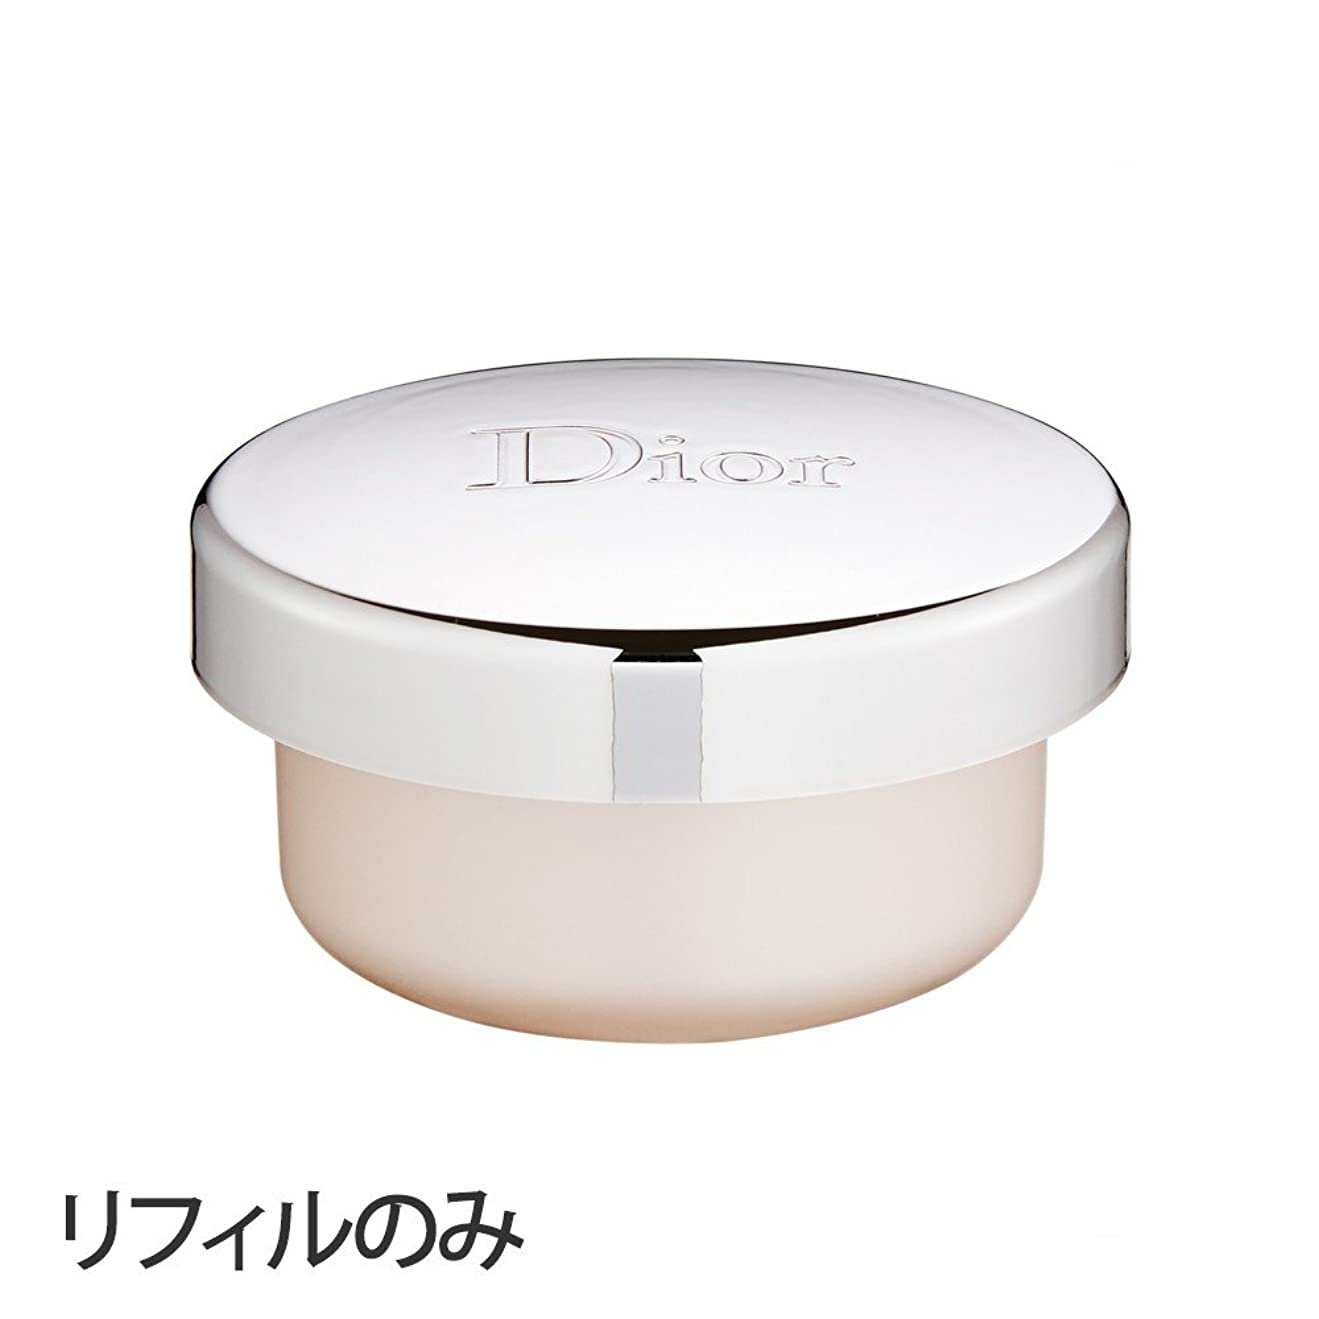 記録取るスイッチディオール(Dior) 【リフォルのみ】カプチュール トータル クリーム [並行輸入品]